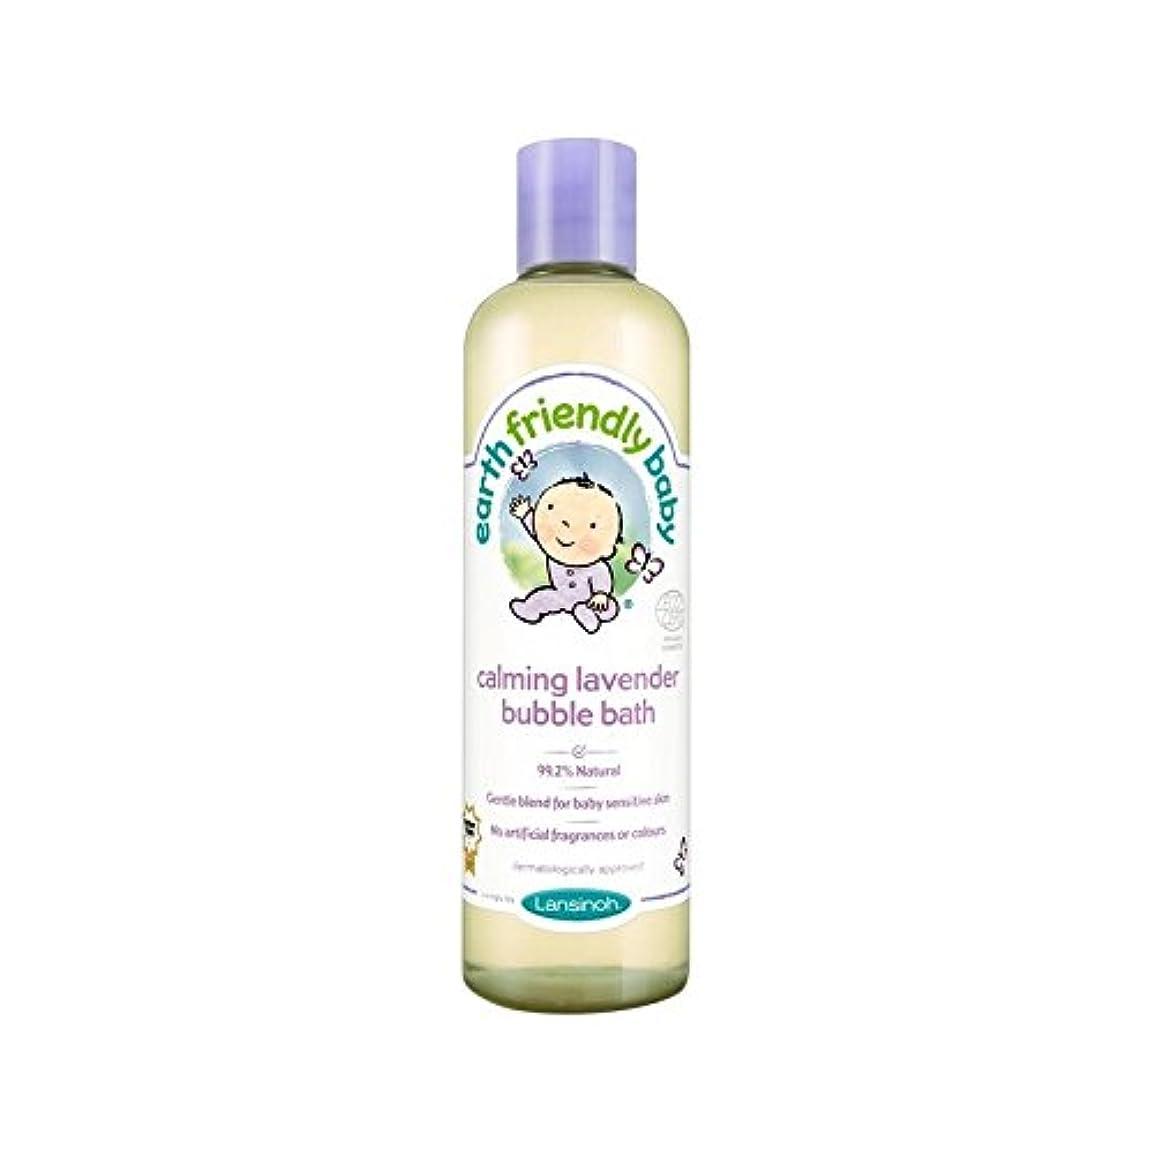 慈悲深いパースブラックボロウ脚本家赤ちゃん沈静ラベンダー泡風呂のエコサートの300ミリリットル (Earth Friendly) (x 4) - Earth Friendly Baby Calming Lavender Bubble Bath ECOCERT 300ml (Pack of 4) [並行輸入品]